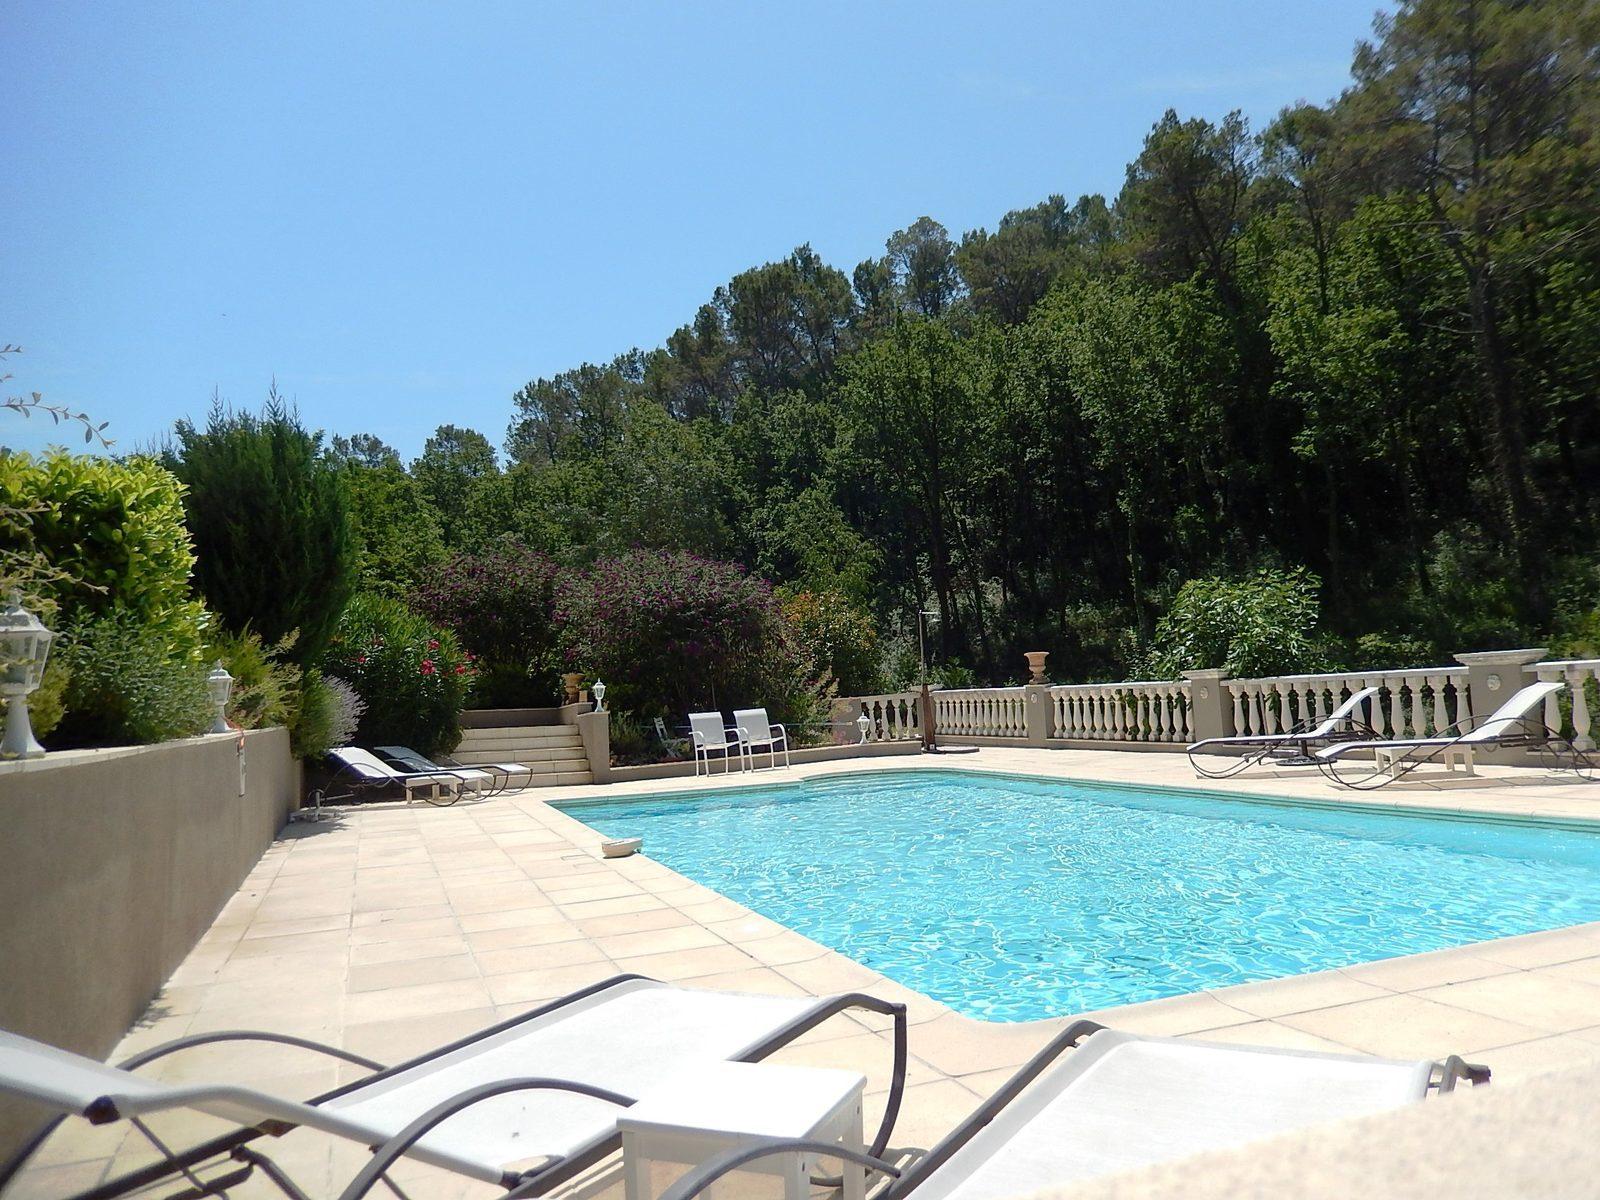 De mooiste vakantiehuizen met privézwembad